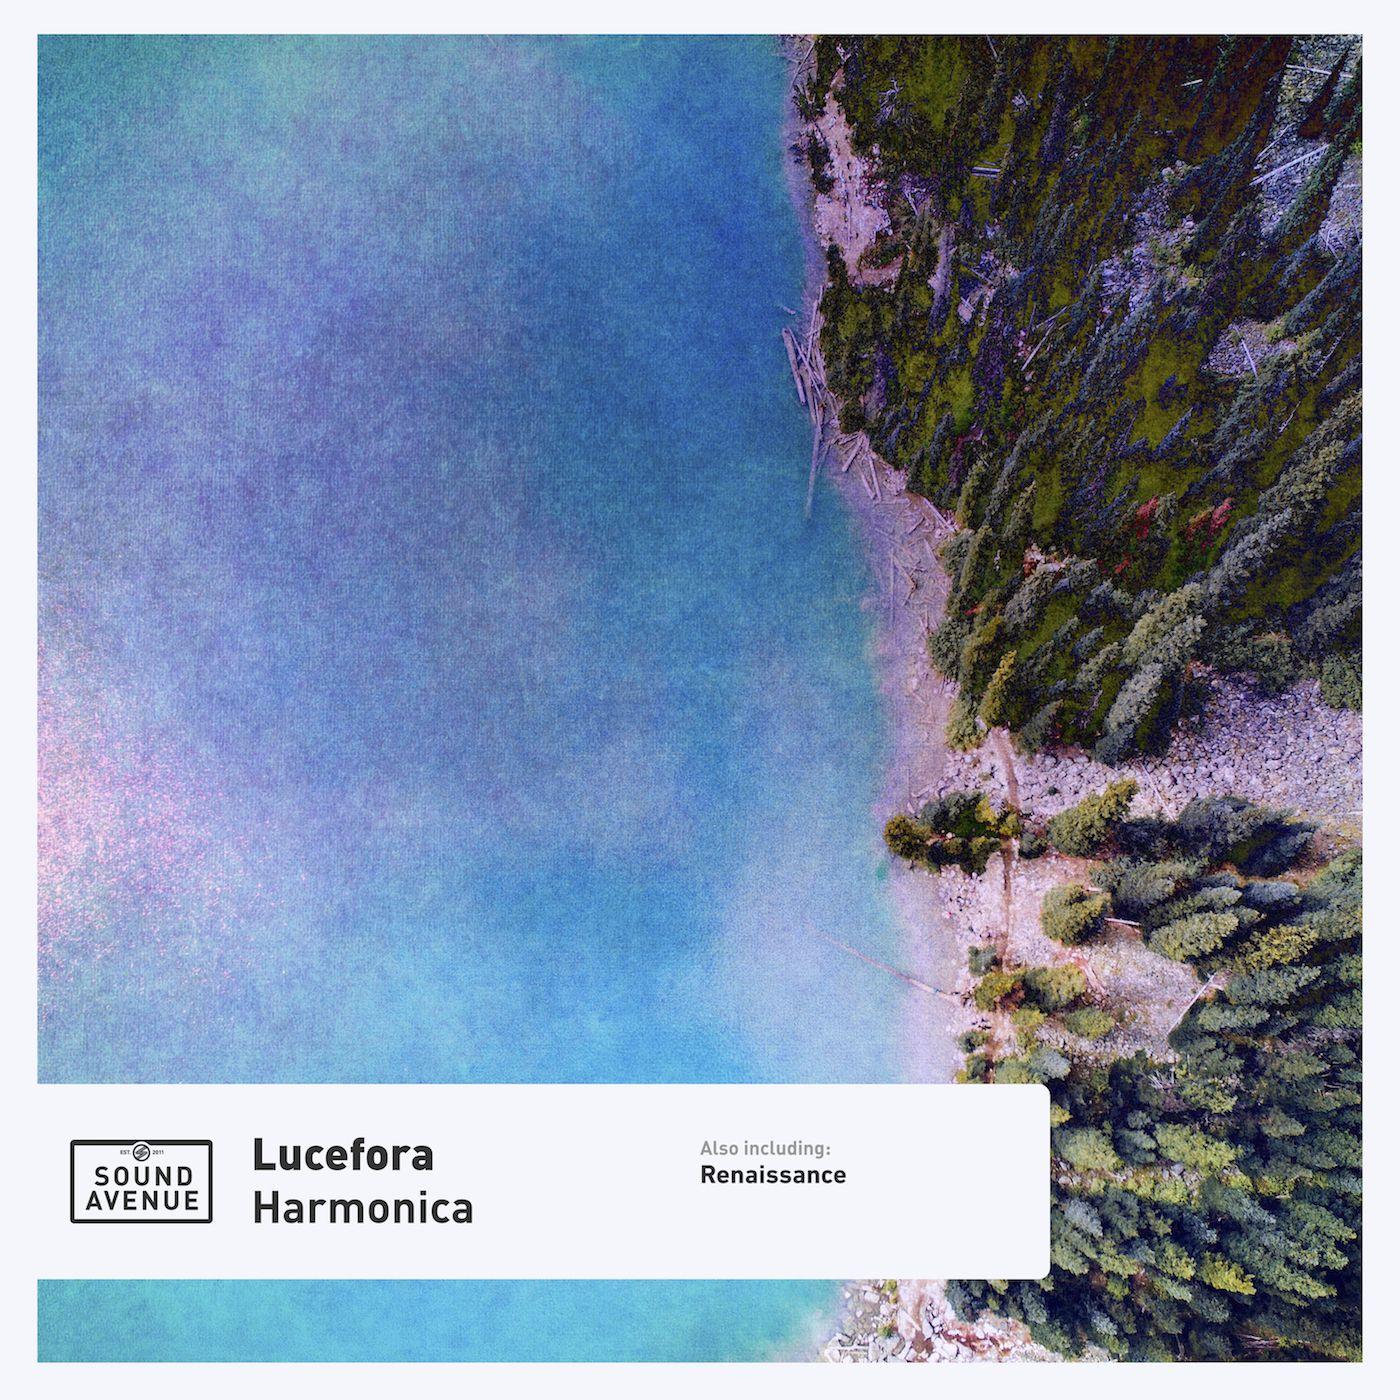 sa092_lucefora_-_harmonica_1400.jpg